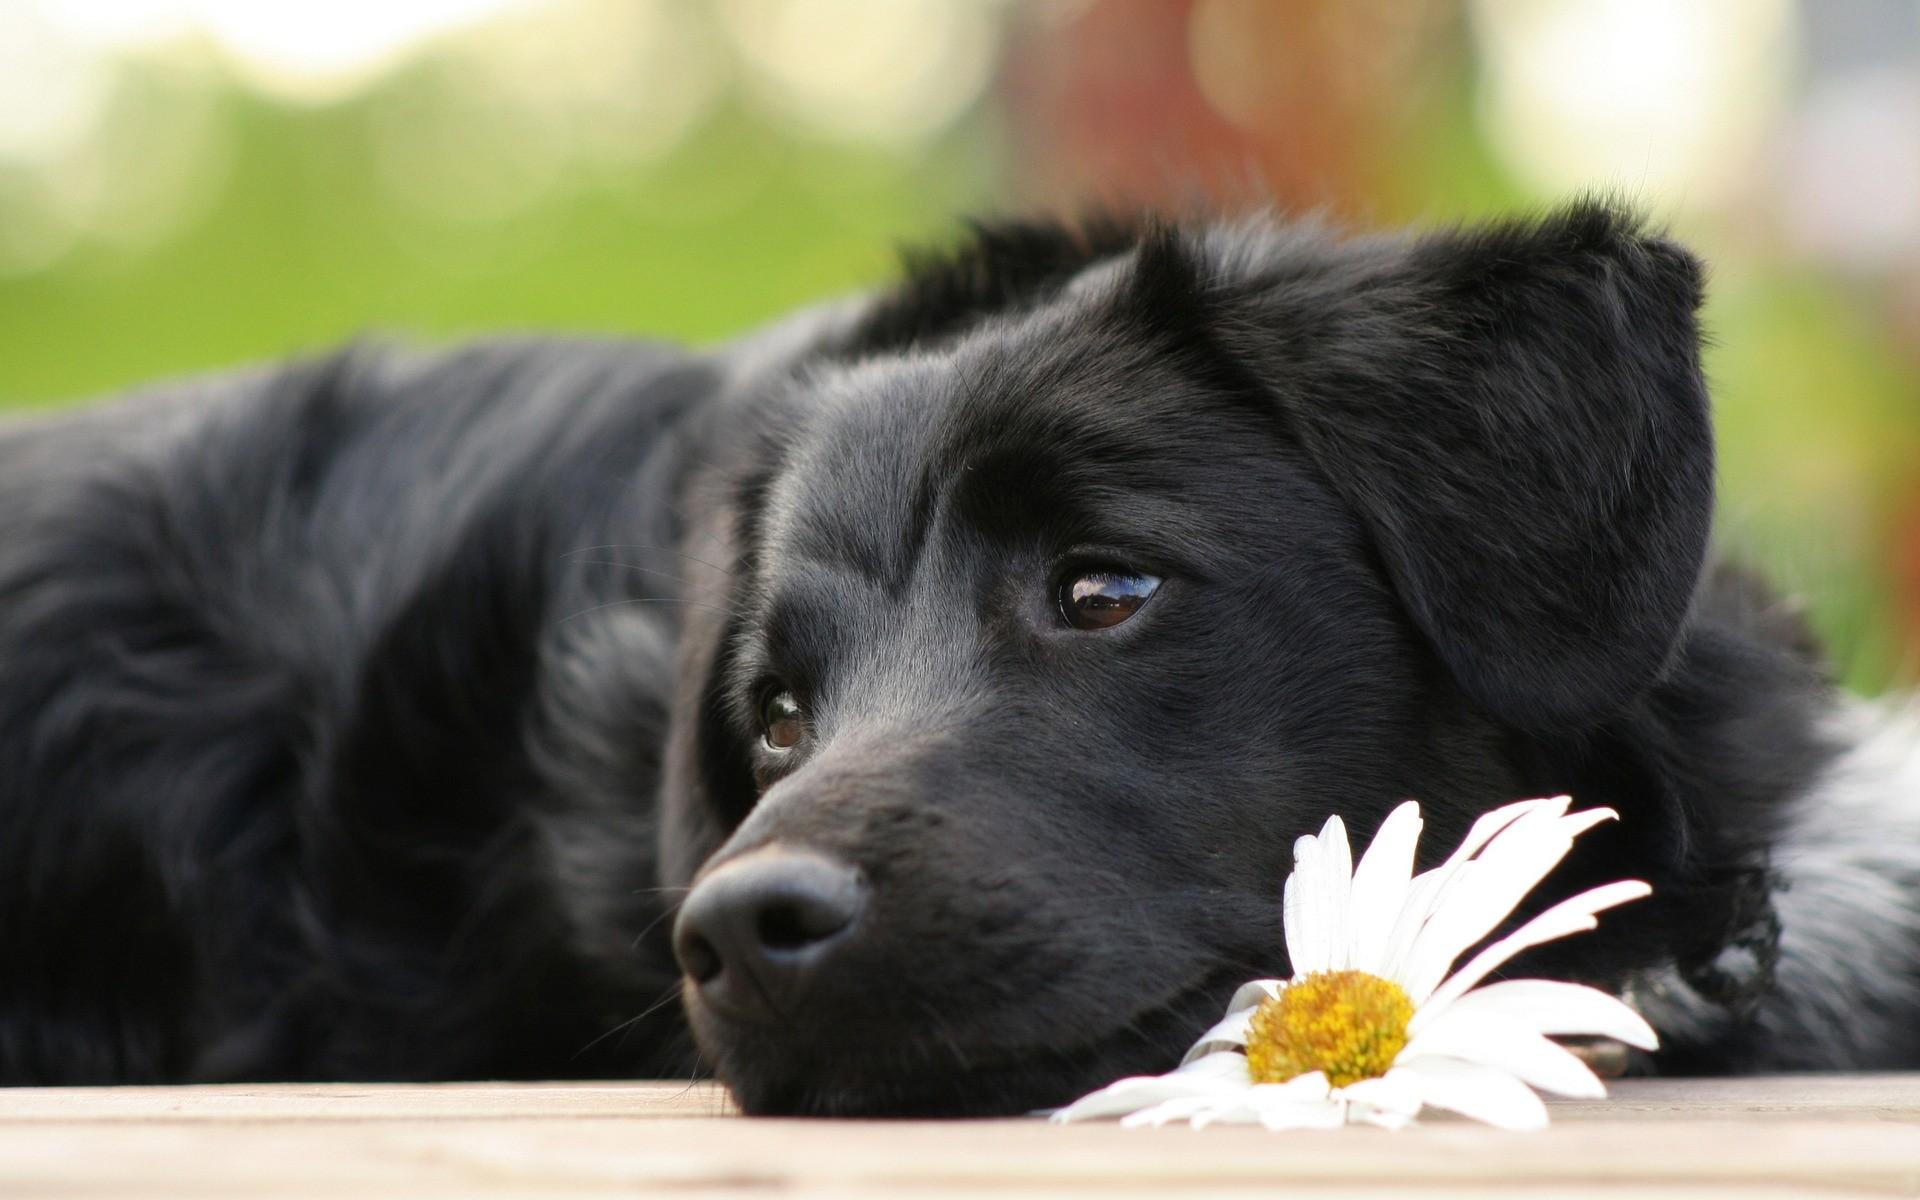 картинки на обои рабочего стола с собаками лицензионному соглашению